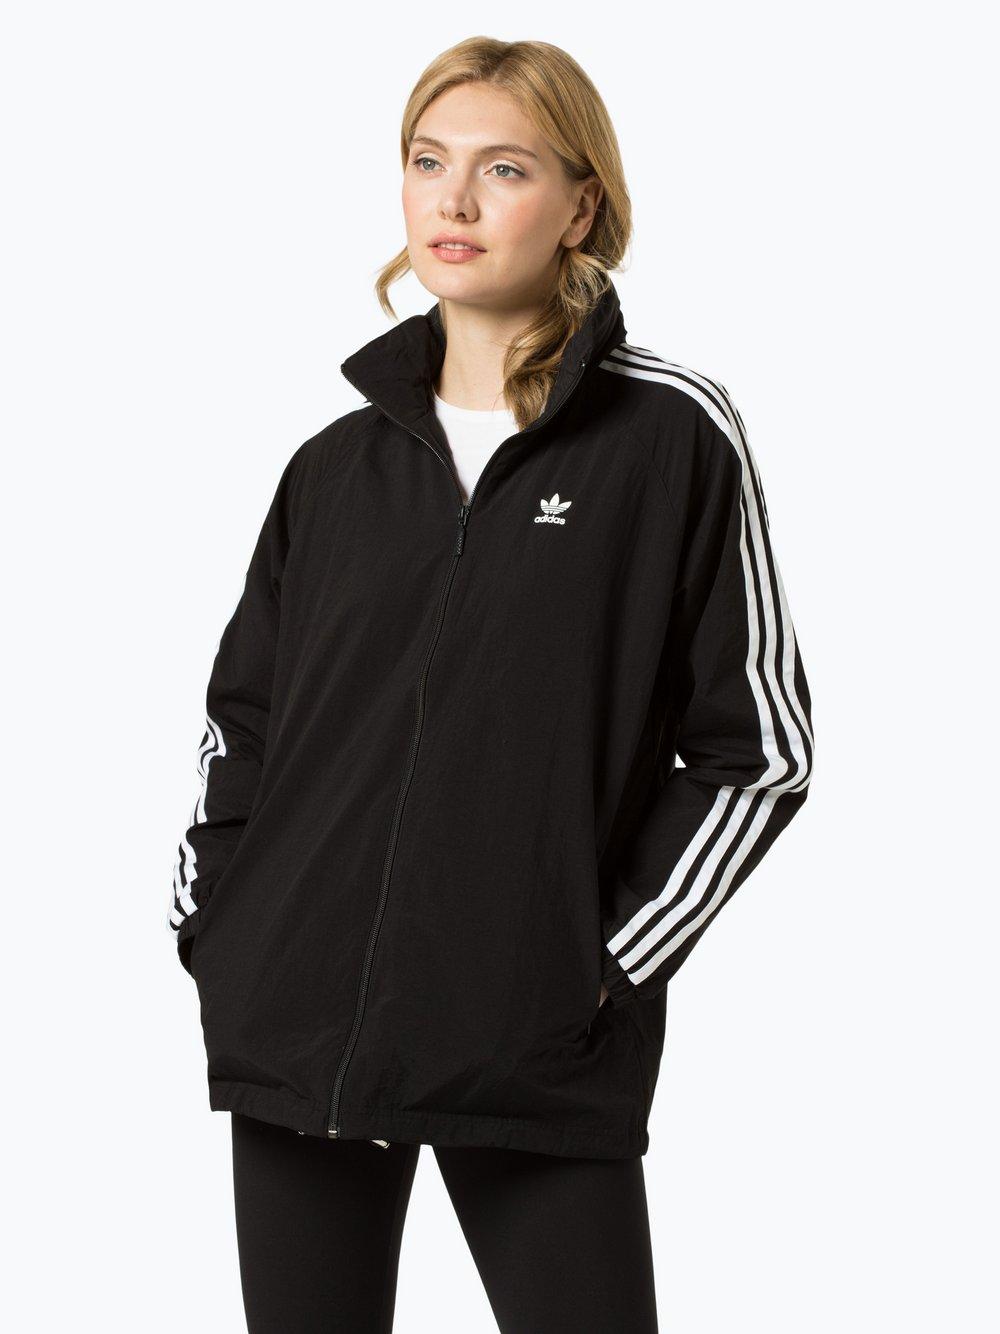 adidas Originals Damen Jacke online kaufen | PEEK UND